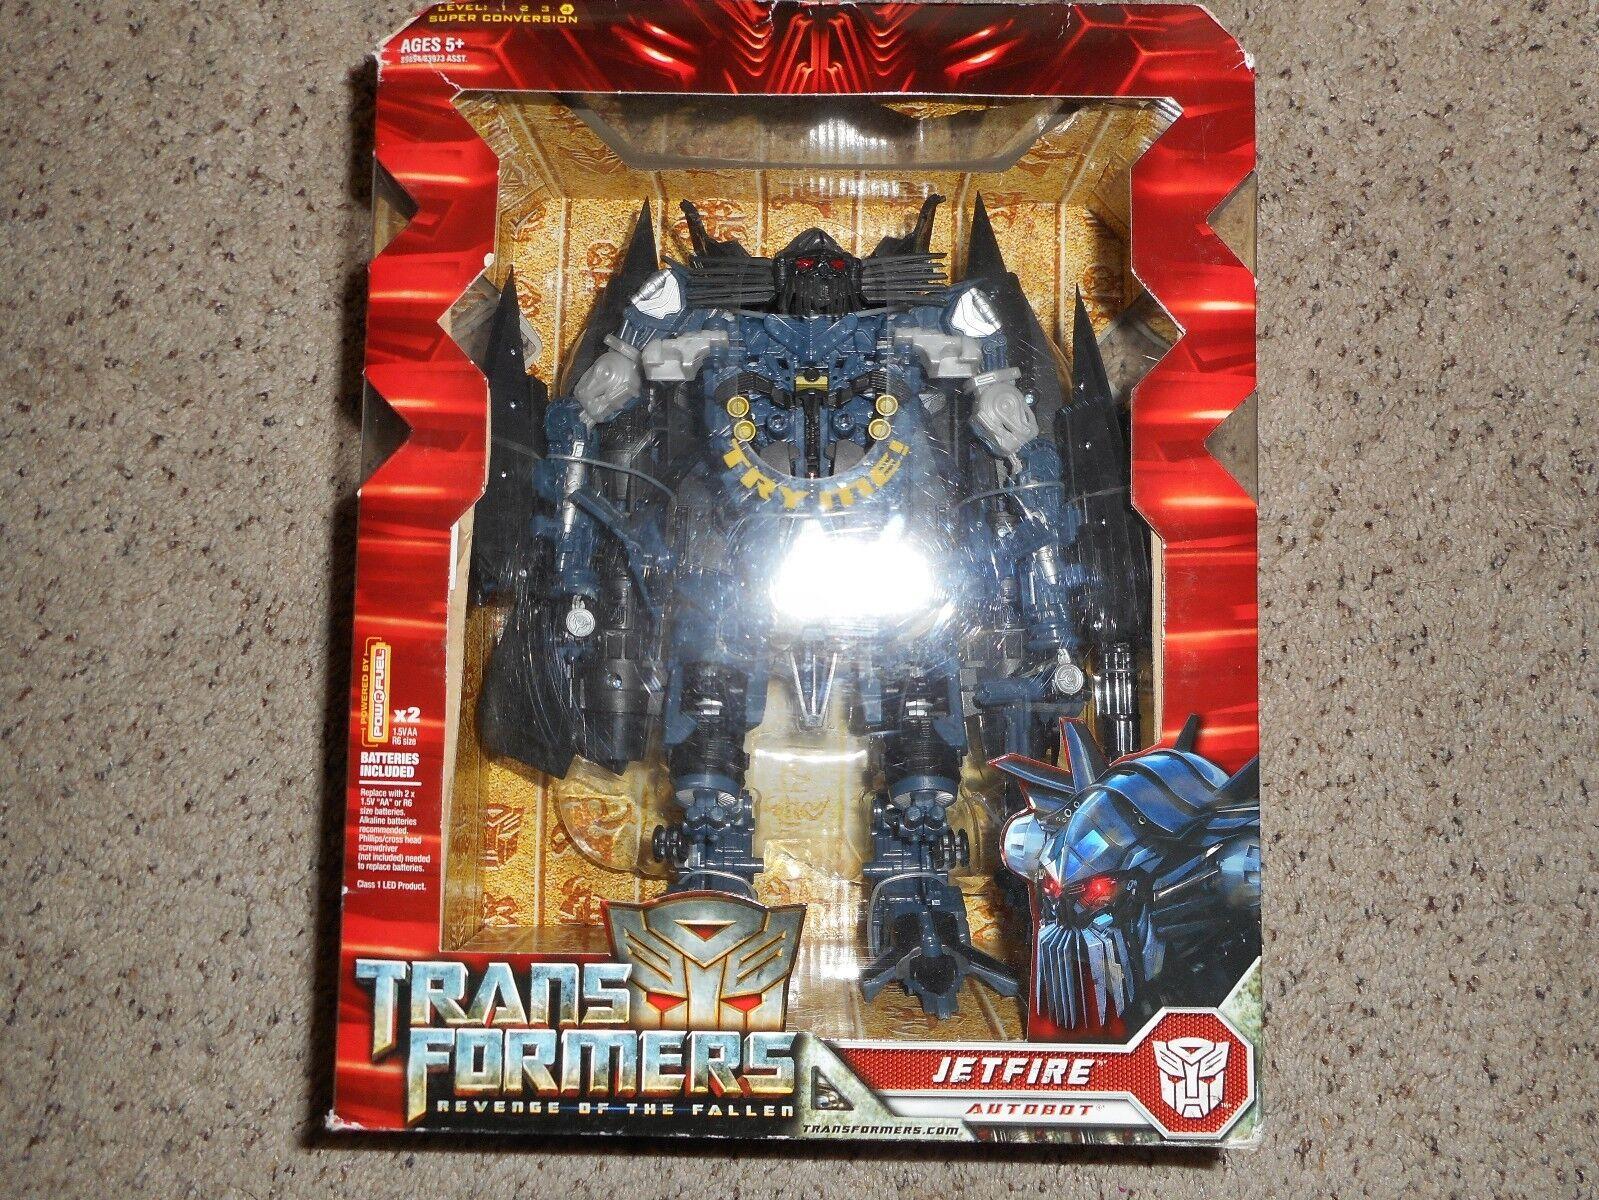 Hasbro Transformers Transformers Transformers ROTF Leader class Jetfire, MISP MISB bc374c